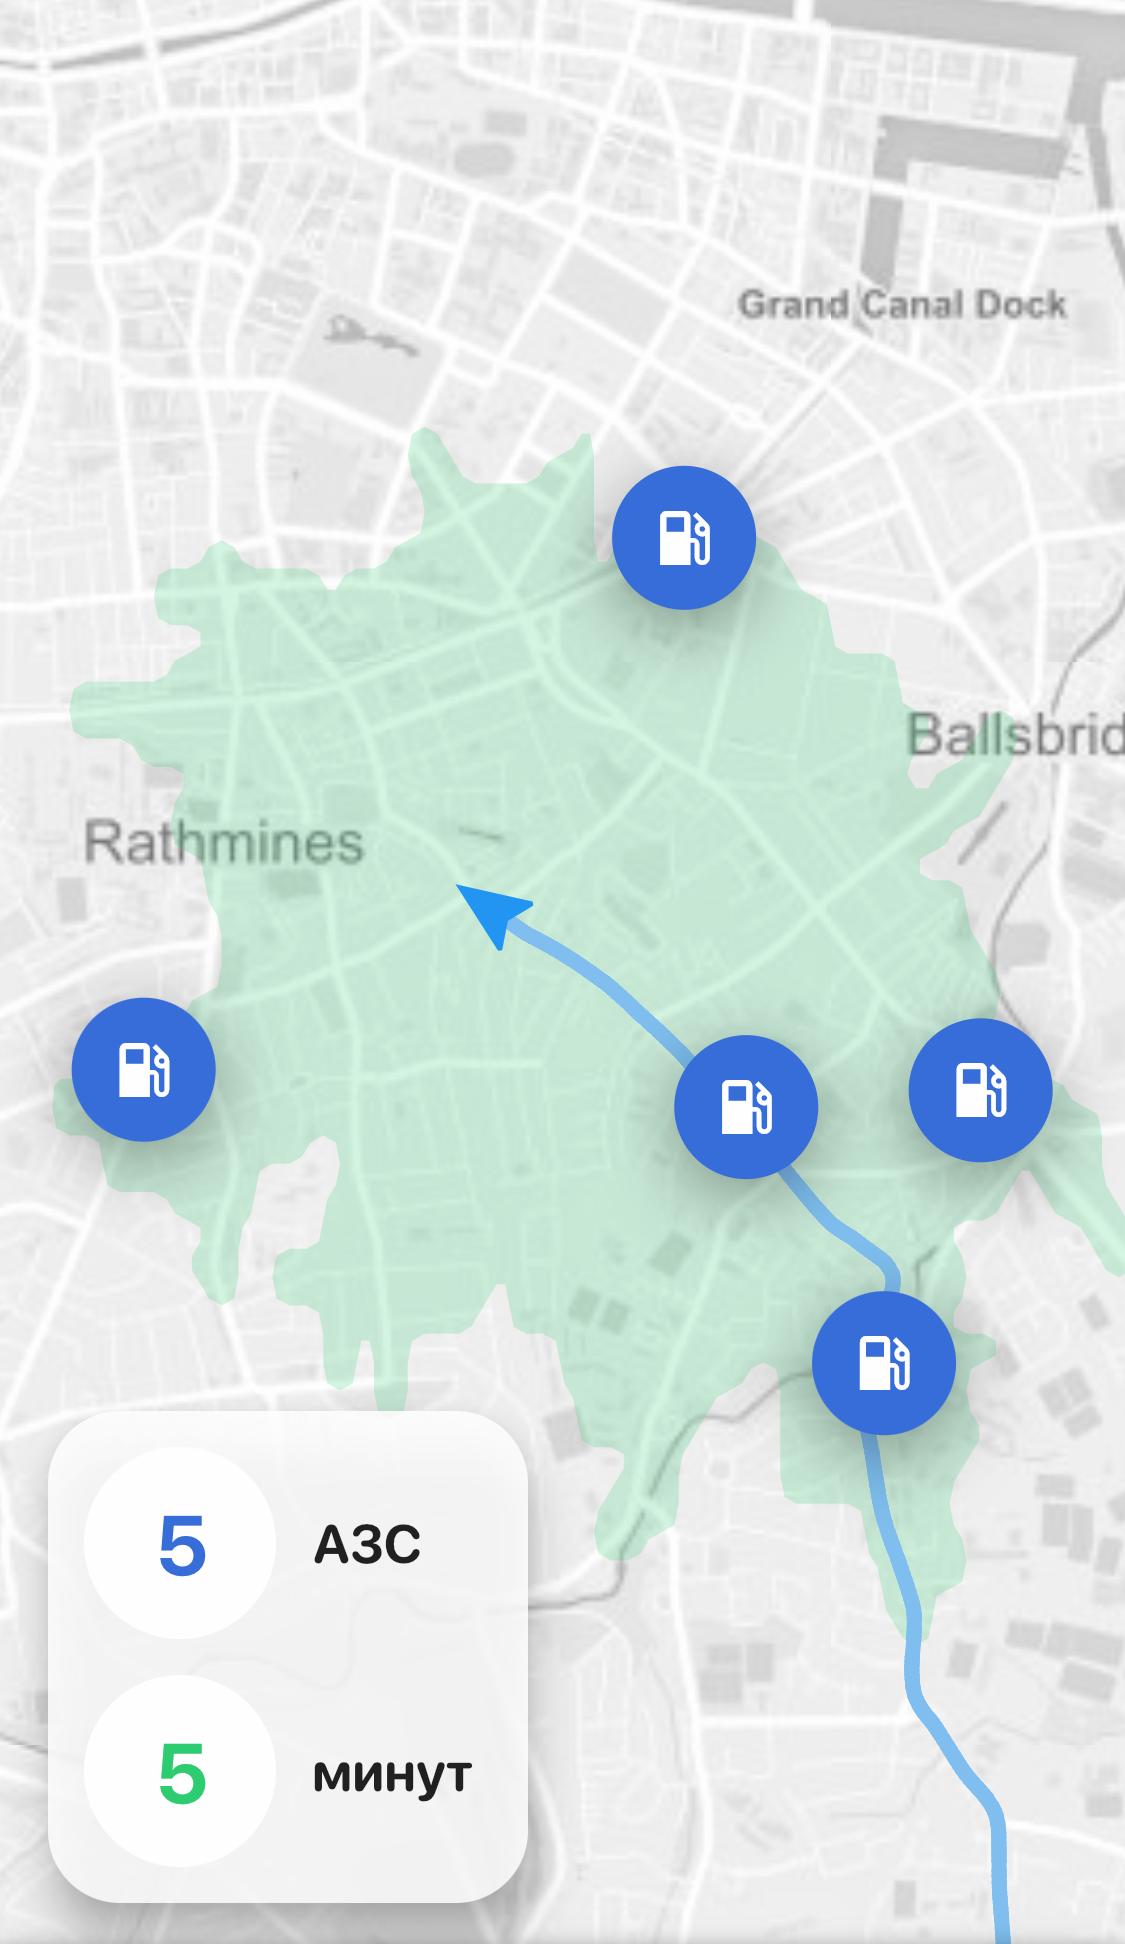 Как я пытался починить поиск по картам для водителей. Часть 3 (финал) - 4